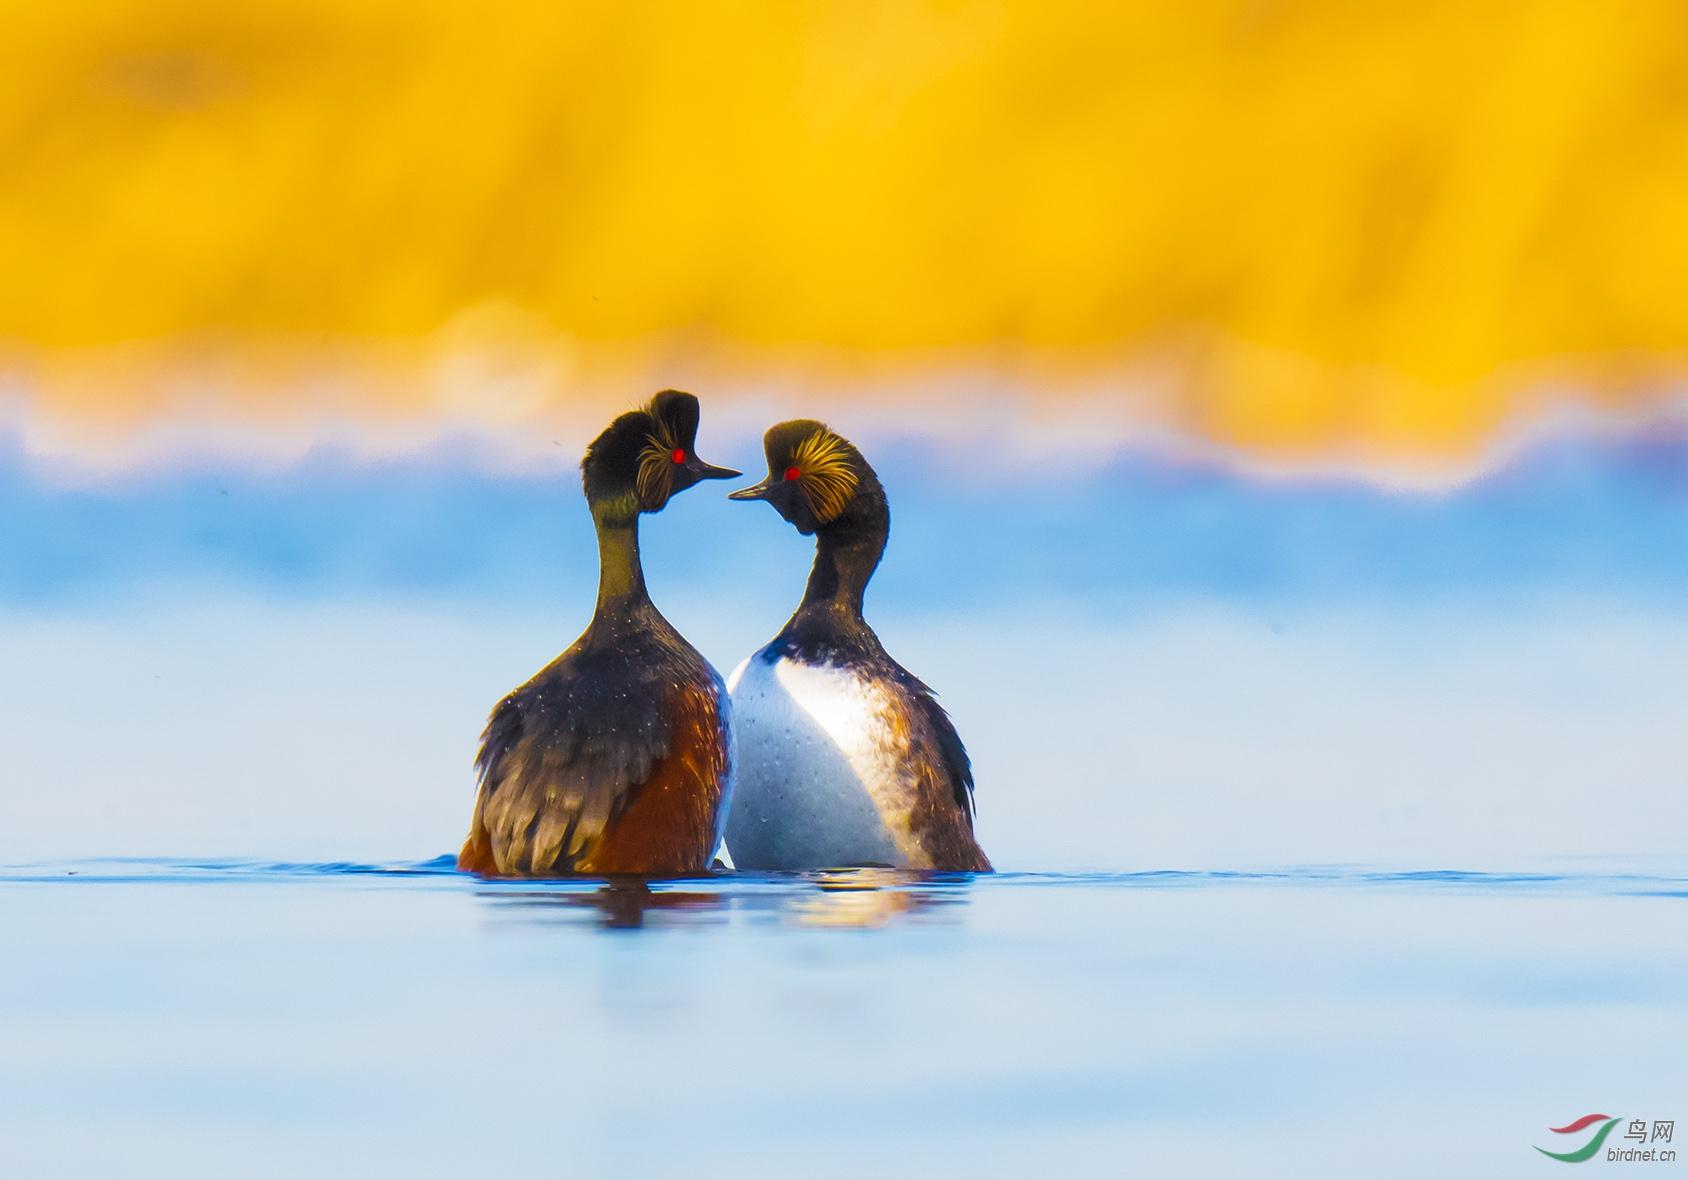 浪漫前的温馨时刻!